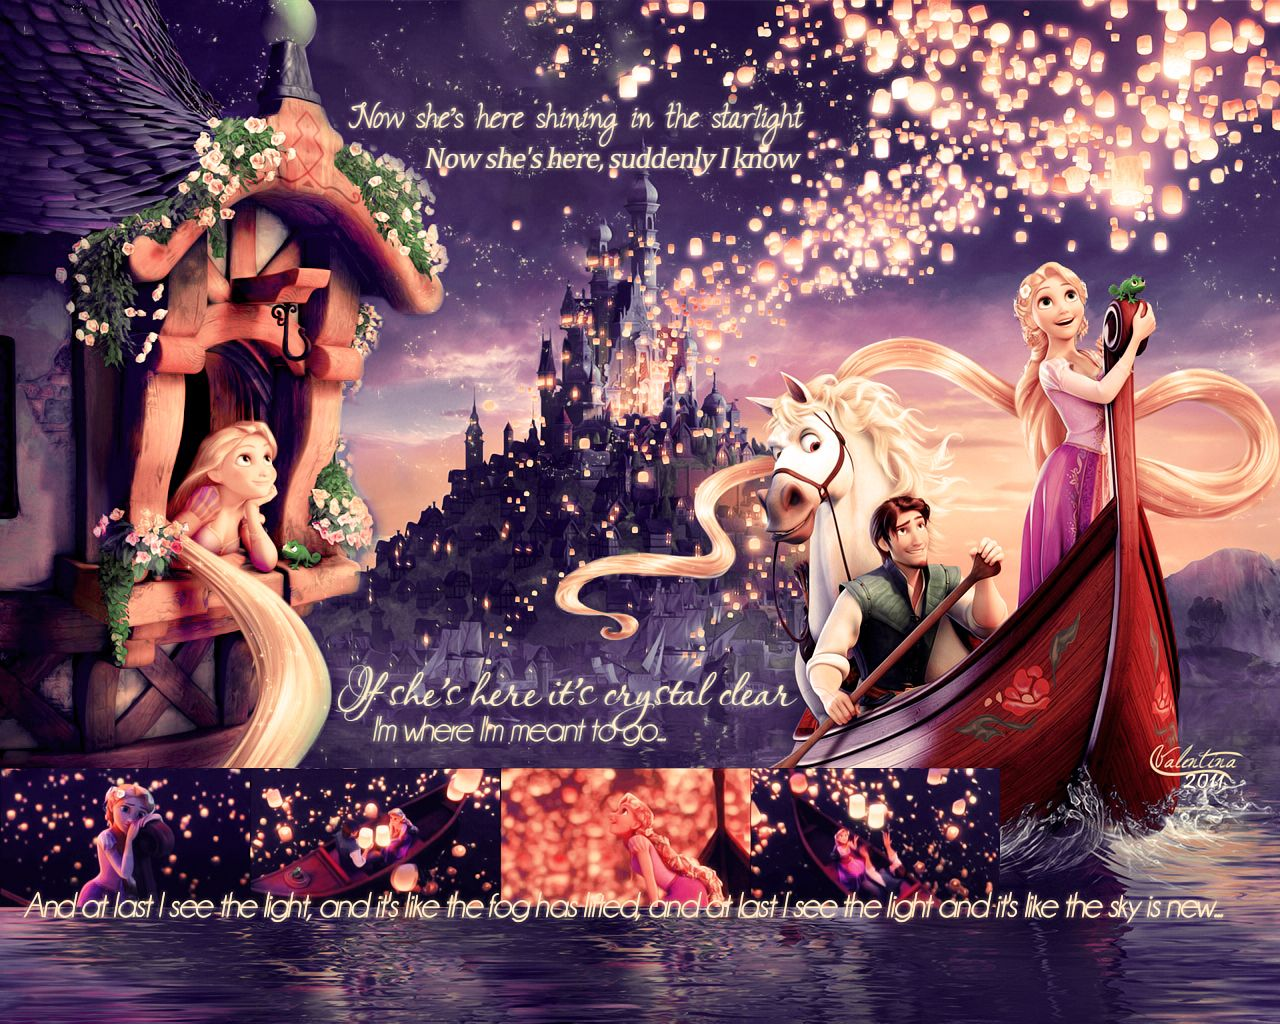 Fantastic Wallpaper Macbook Disney - b644147f9afb24a123a505a3152c5d83  Picture_192374.jpg